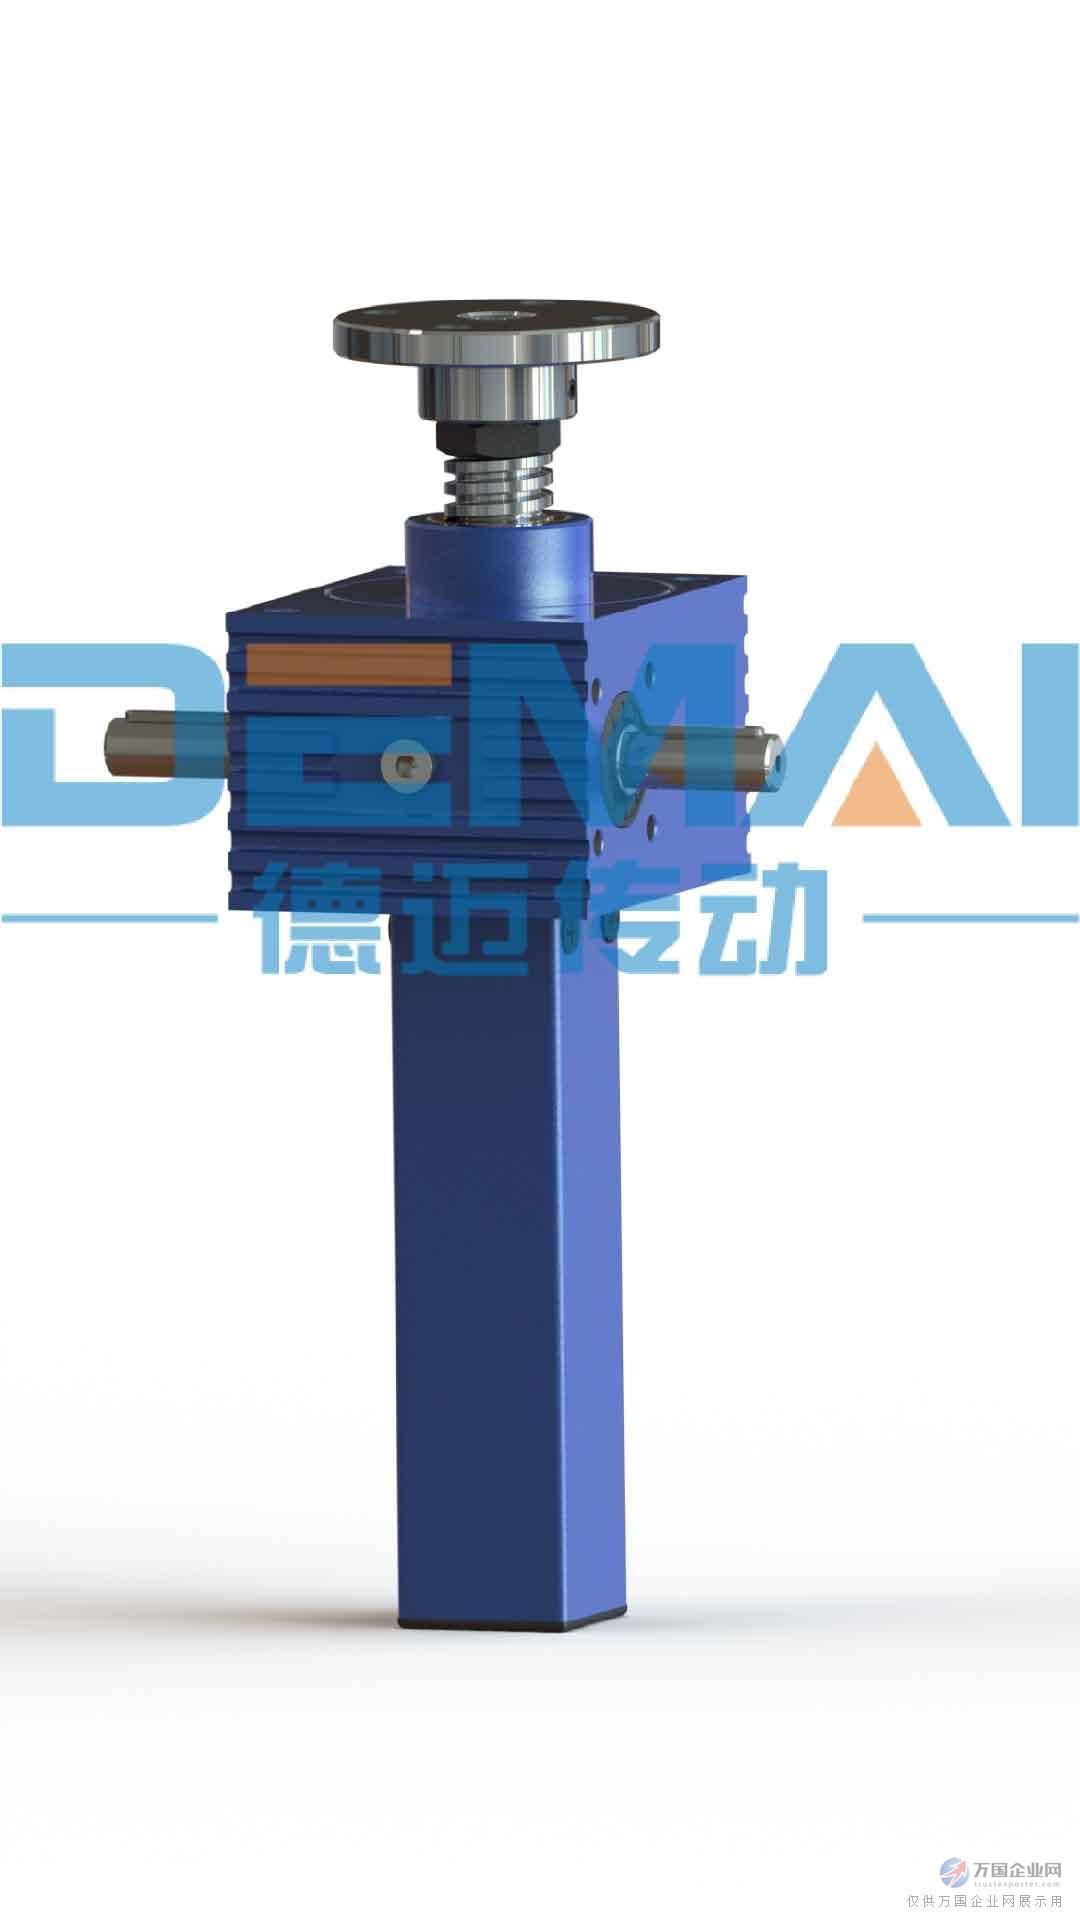 德迈传动塑料机械SJA丝杆升降机